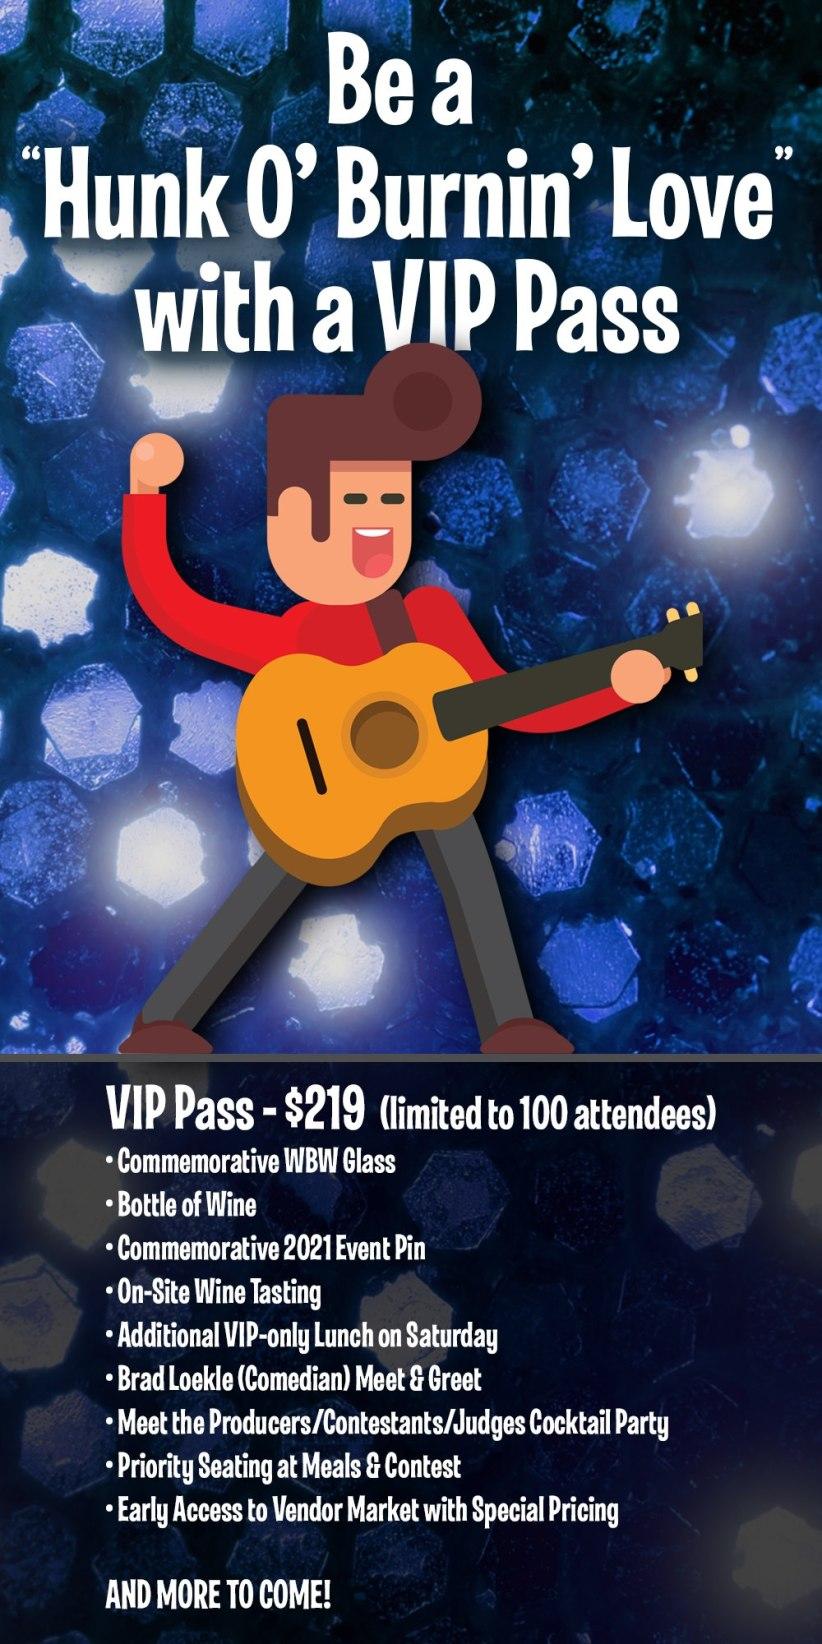 2021 VIP PASS INFO